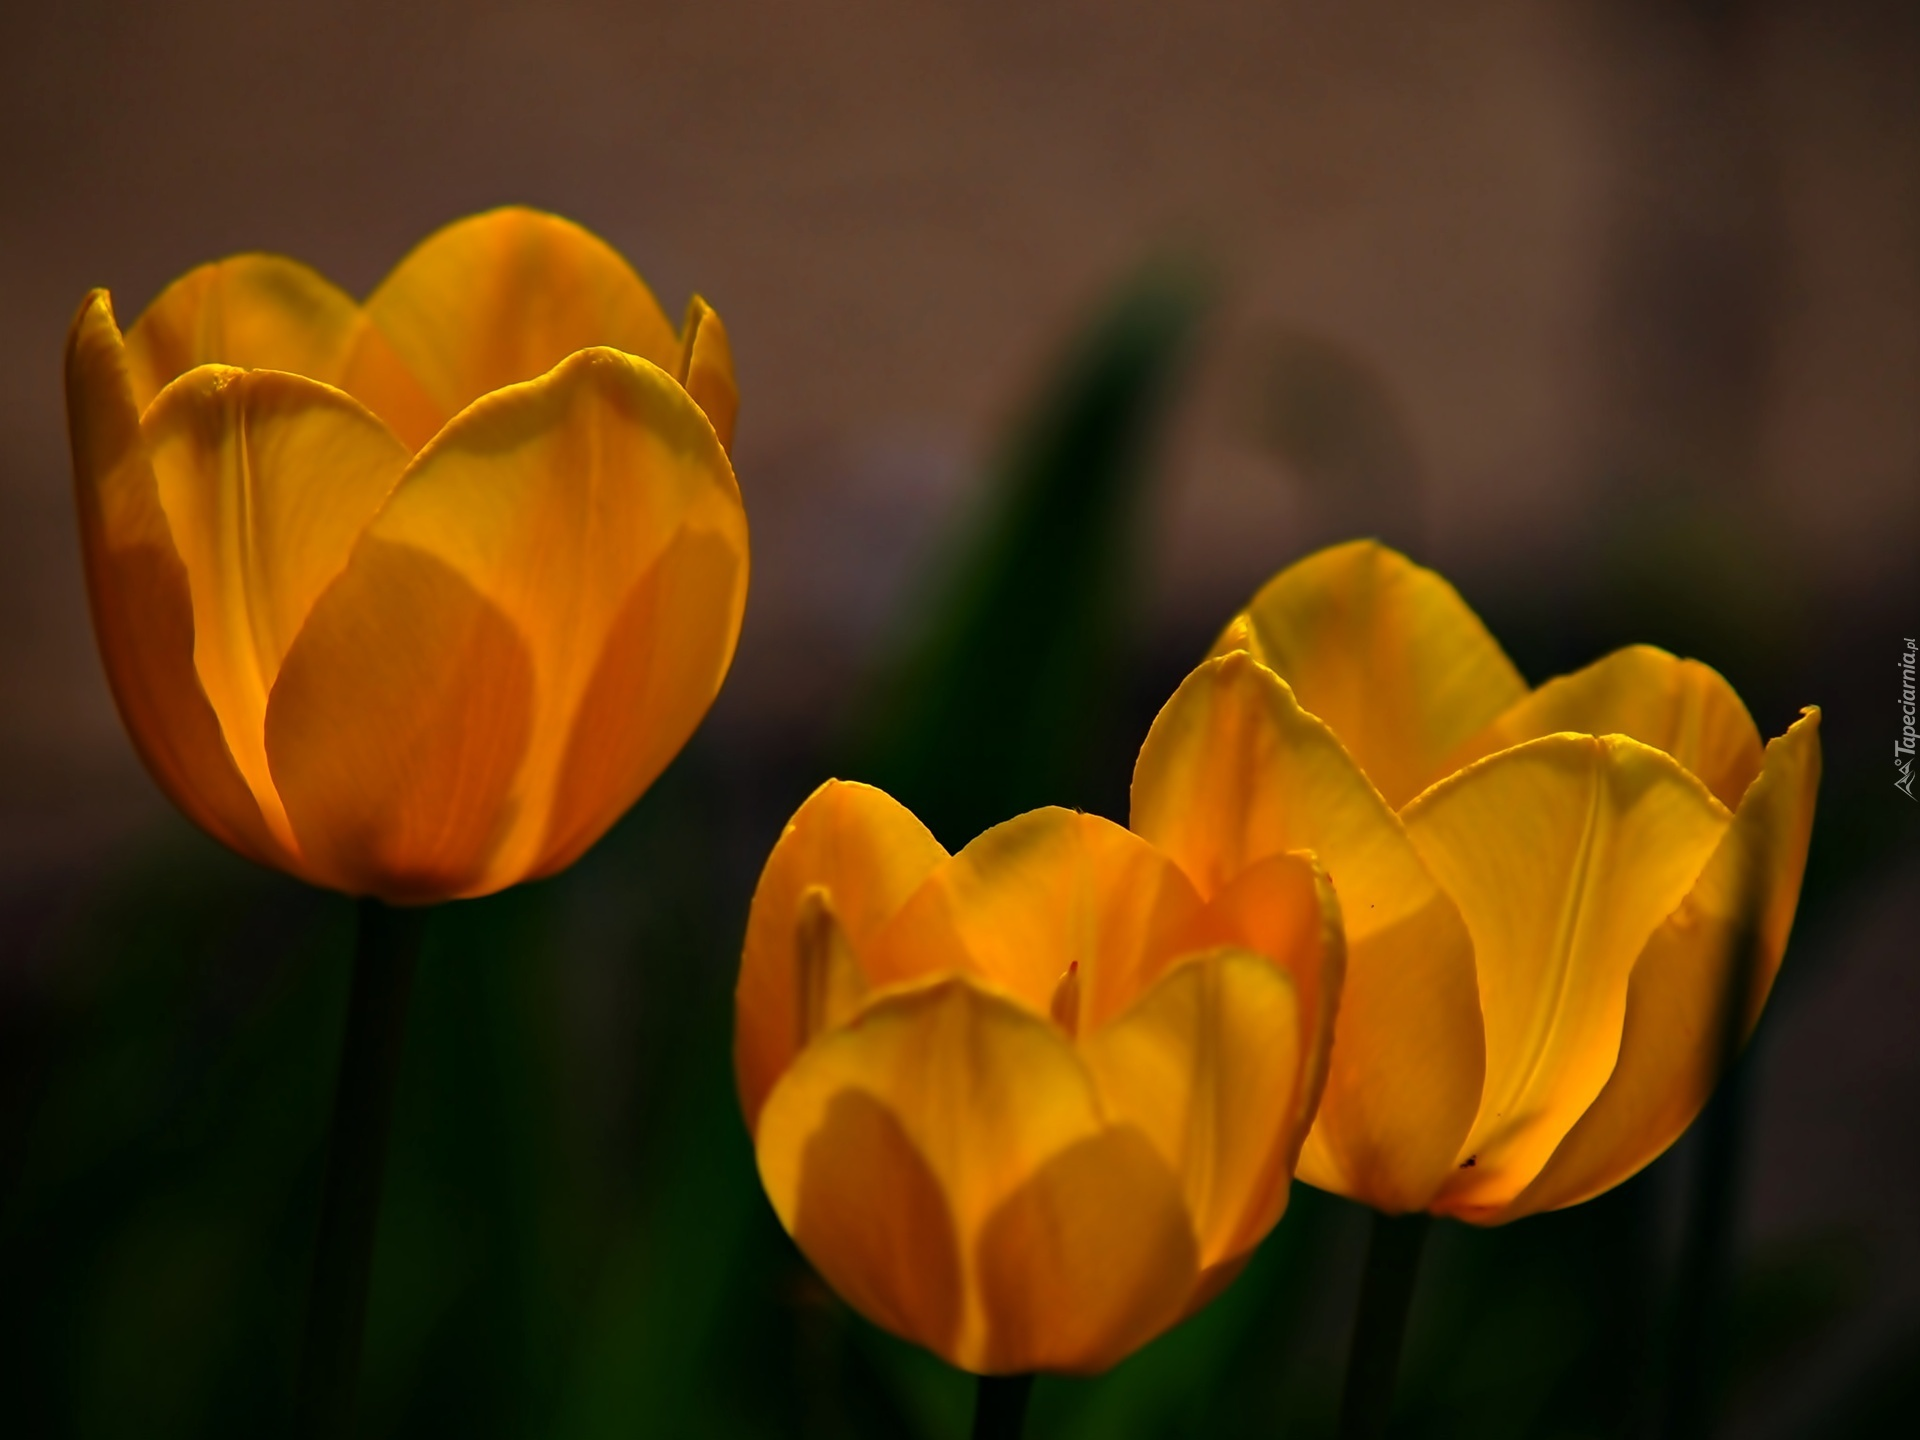 картинка из трех тюльпанов куршевель